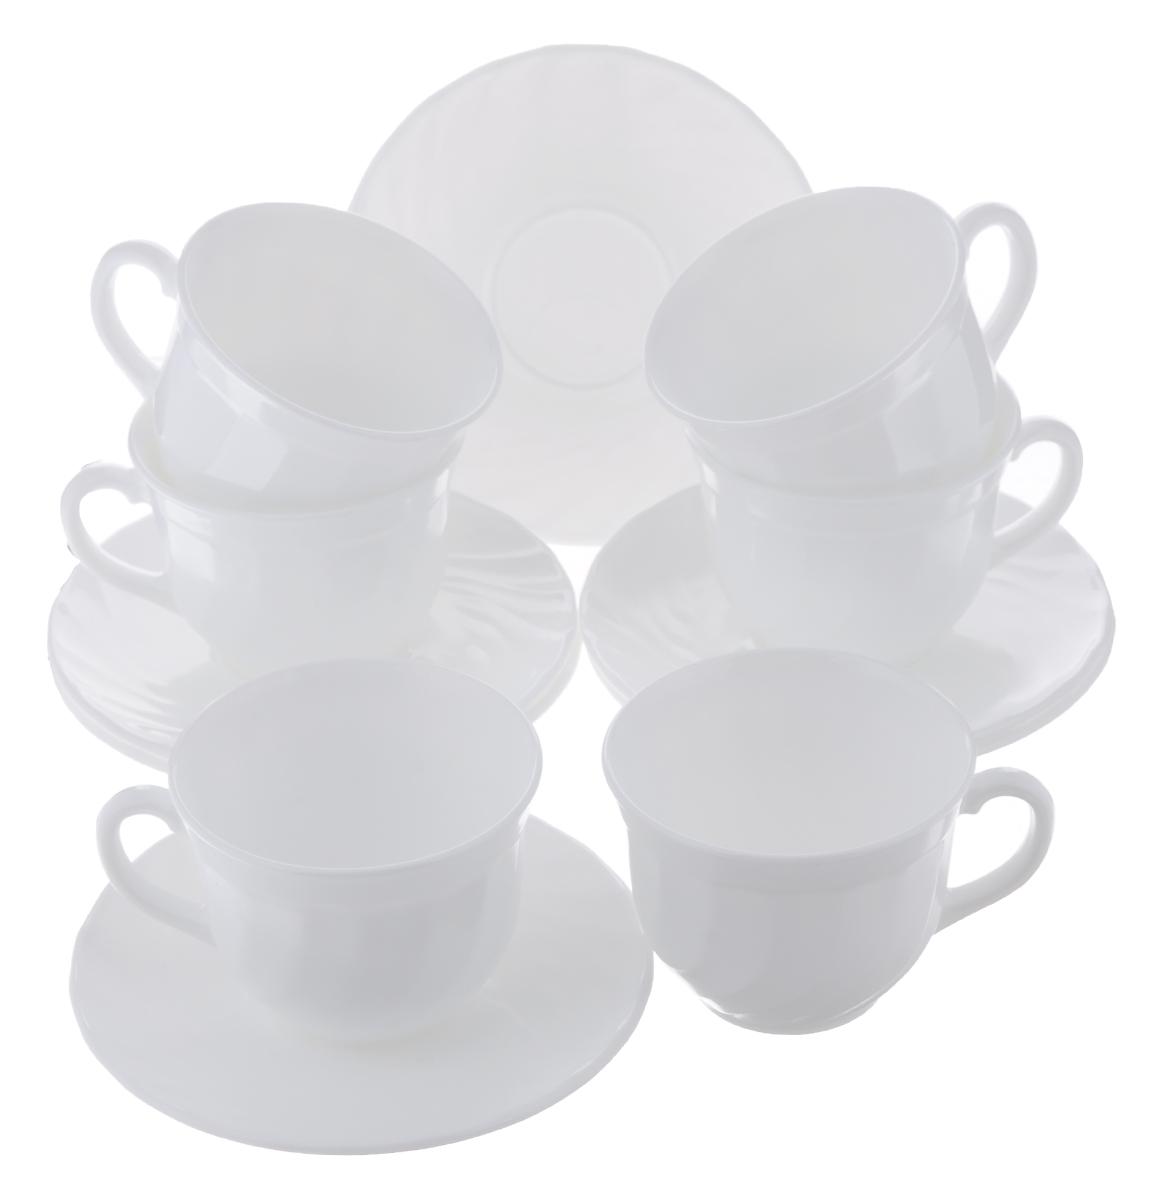 Набор чайный Luminarc Trianon, цвет: белый, 12 предметовE8845Чайный набор Luminarc Trianon состоит из 6 чашек и 6 блюдец. Изделия, выполненные из высококачественного ударопрочного стекла, имеют элегантный дизайн и классическую круглую форму. Посуда отличается прочностью, гигиеничностью и долгим сроком службы, она устойчива к появлению царапин и резким перепадам температур. Такой набор прекрасно подойдет как для повседневного использования, так и для праздников. Чайный набор Luminarc Trianon - это не только яркий и полезный подарок для родных и близких, это также великолепное дизайнерское решение для вашей кухни или столовой. Объем чашки: 220 мл. Диаметр чашки (по верхнему краю): 8,7 см. Высота чашки: 6,8 см. Диаметр блюдца (по верхнему краю): 14 см. Высота блюдца: 1,5 см.